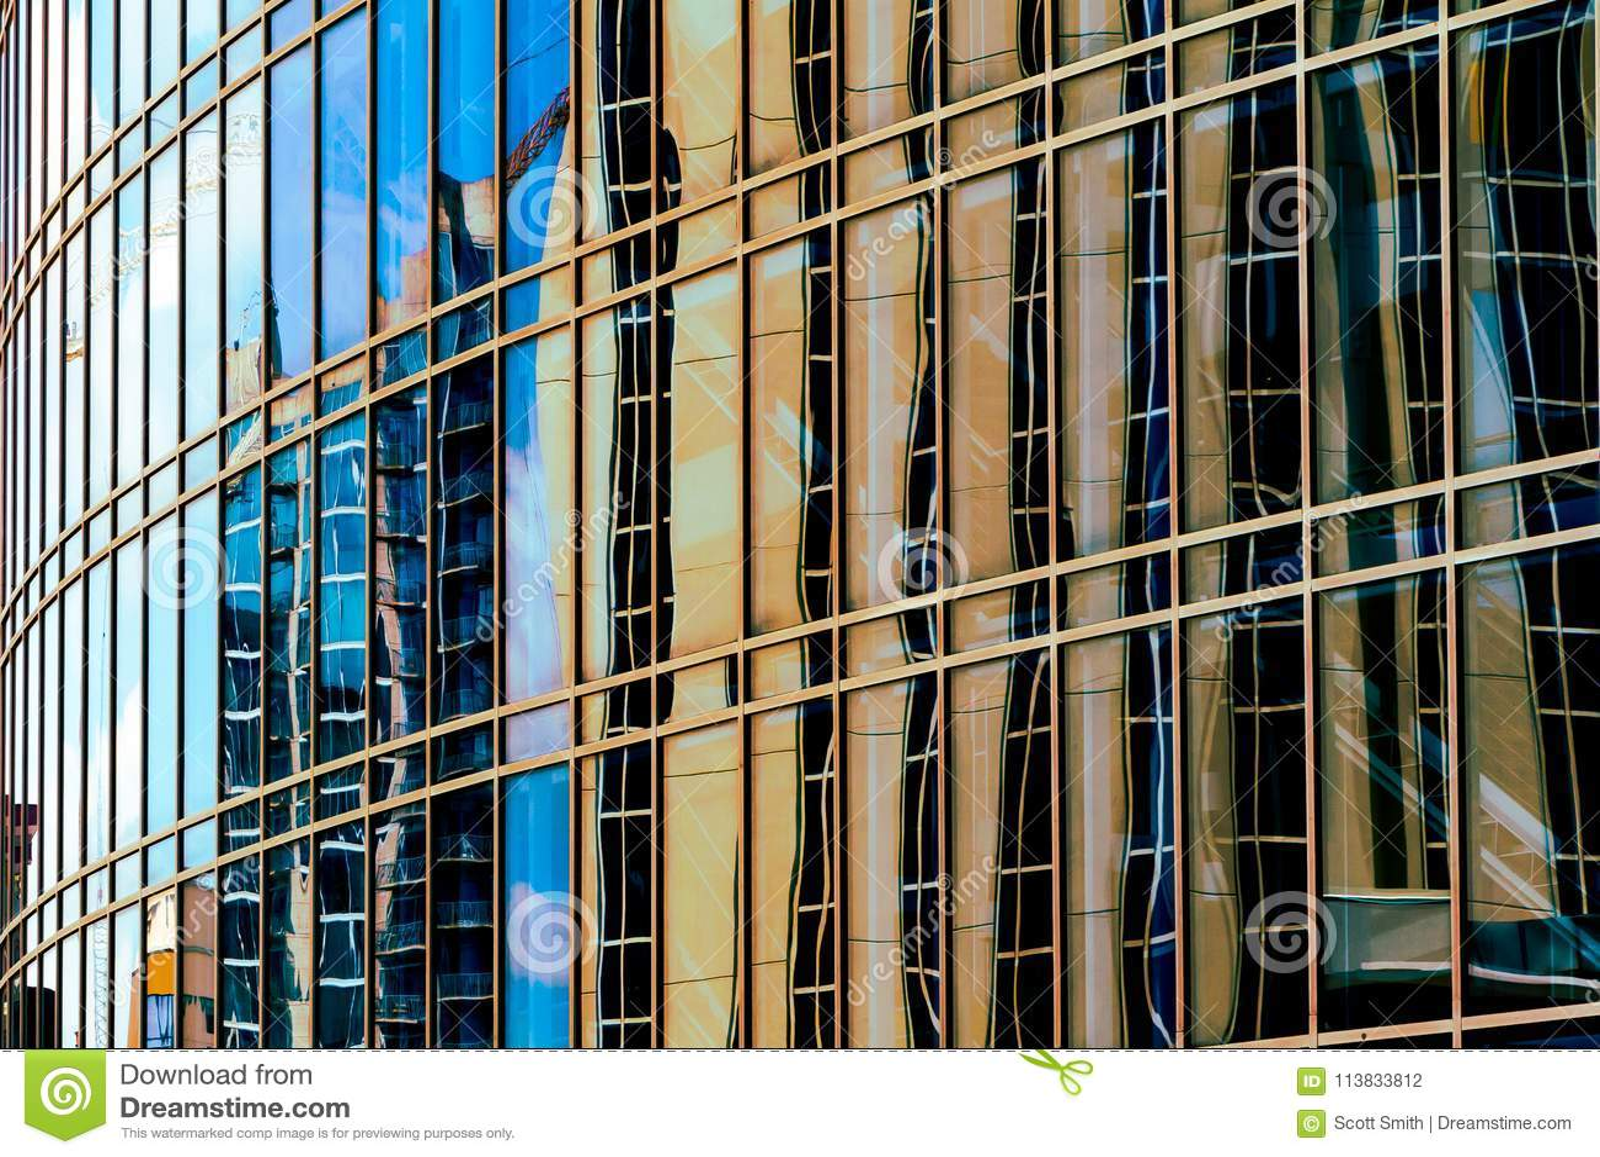 Reflexiones urbanas abstractas con una sensación moderna de la ciencia ficción